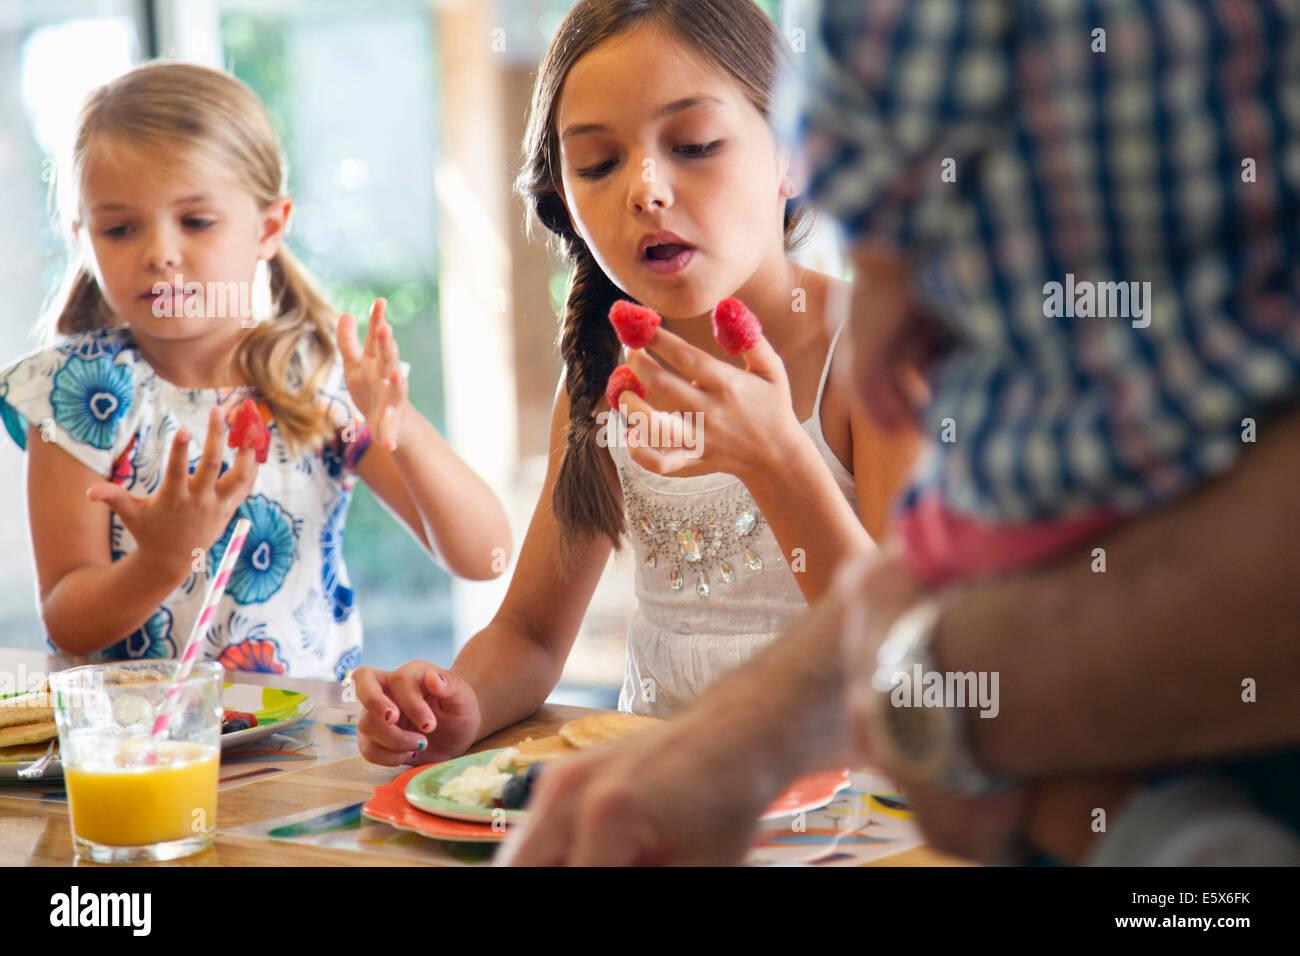 Deux soeurs avec framboises sur leurs doigts au bar de petit-déjeuner cuisine Photo Stock